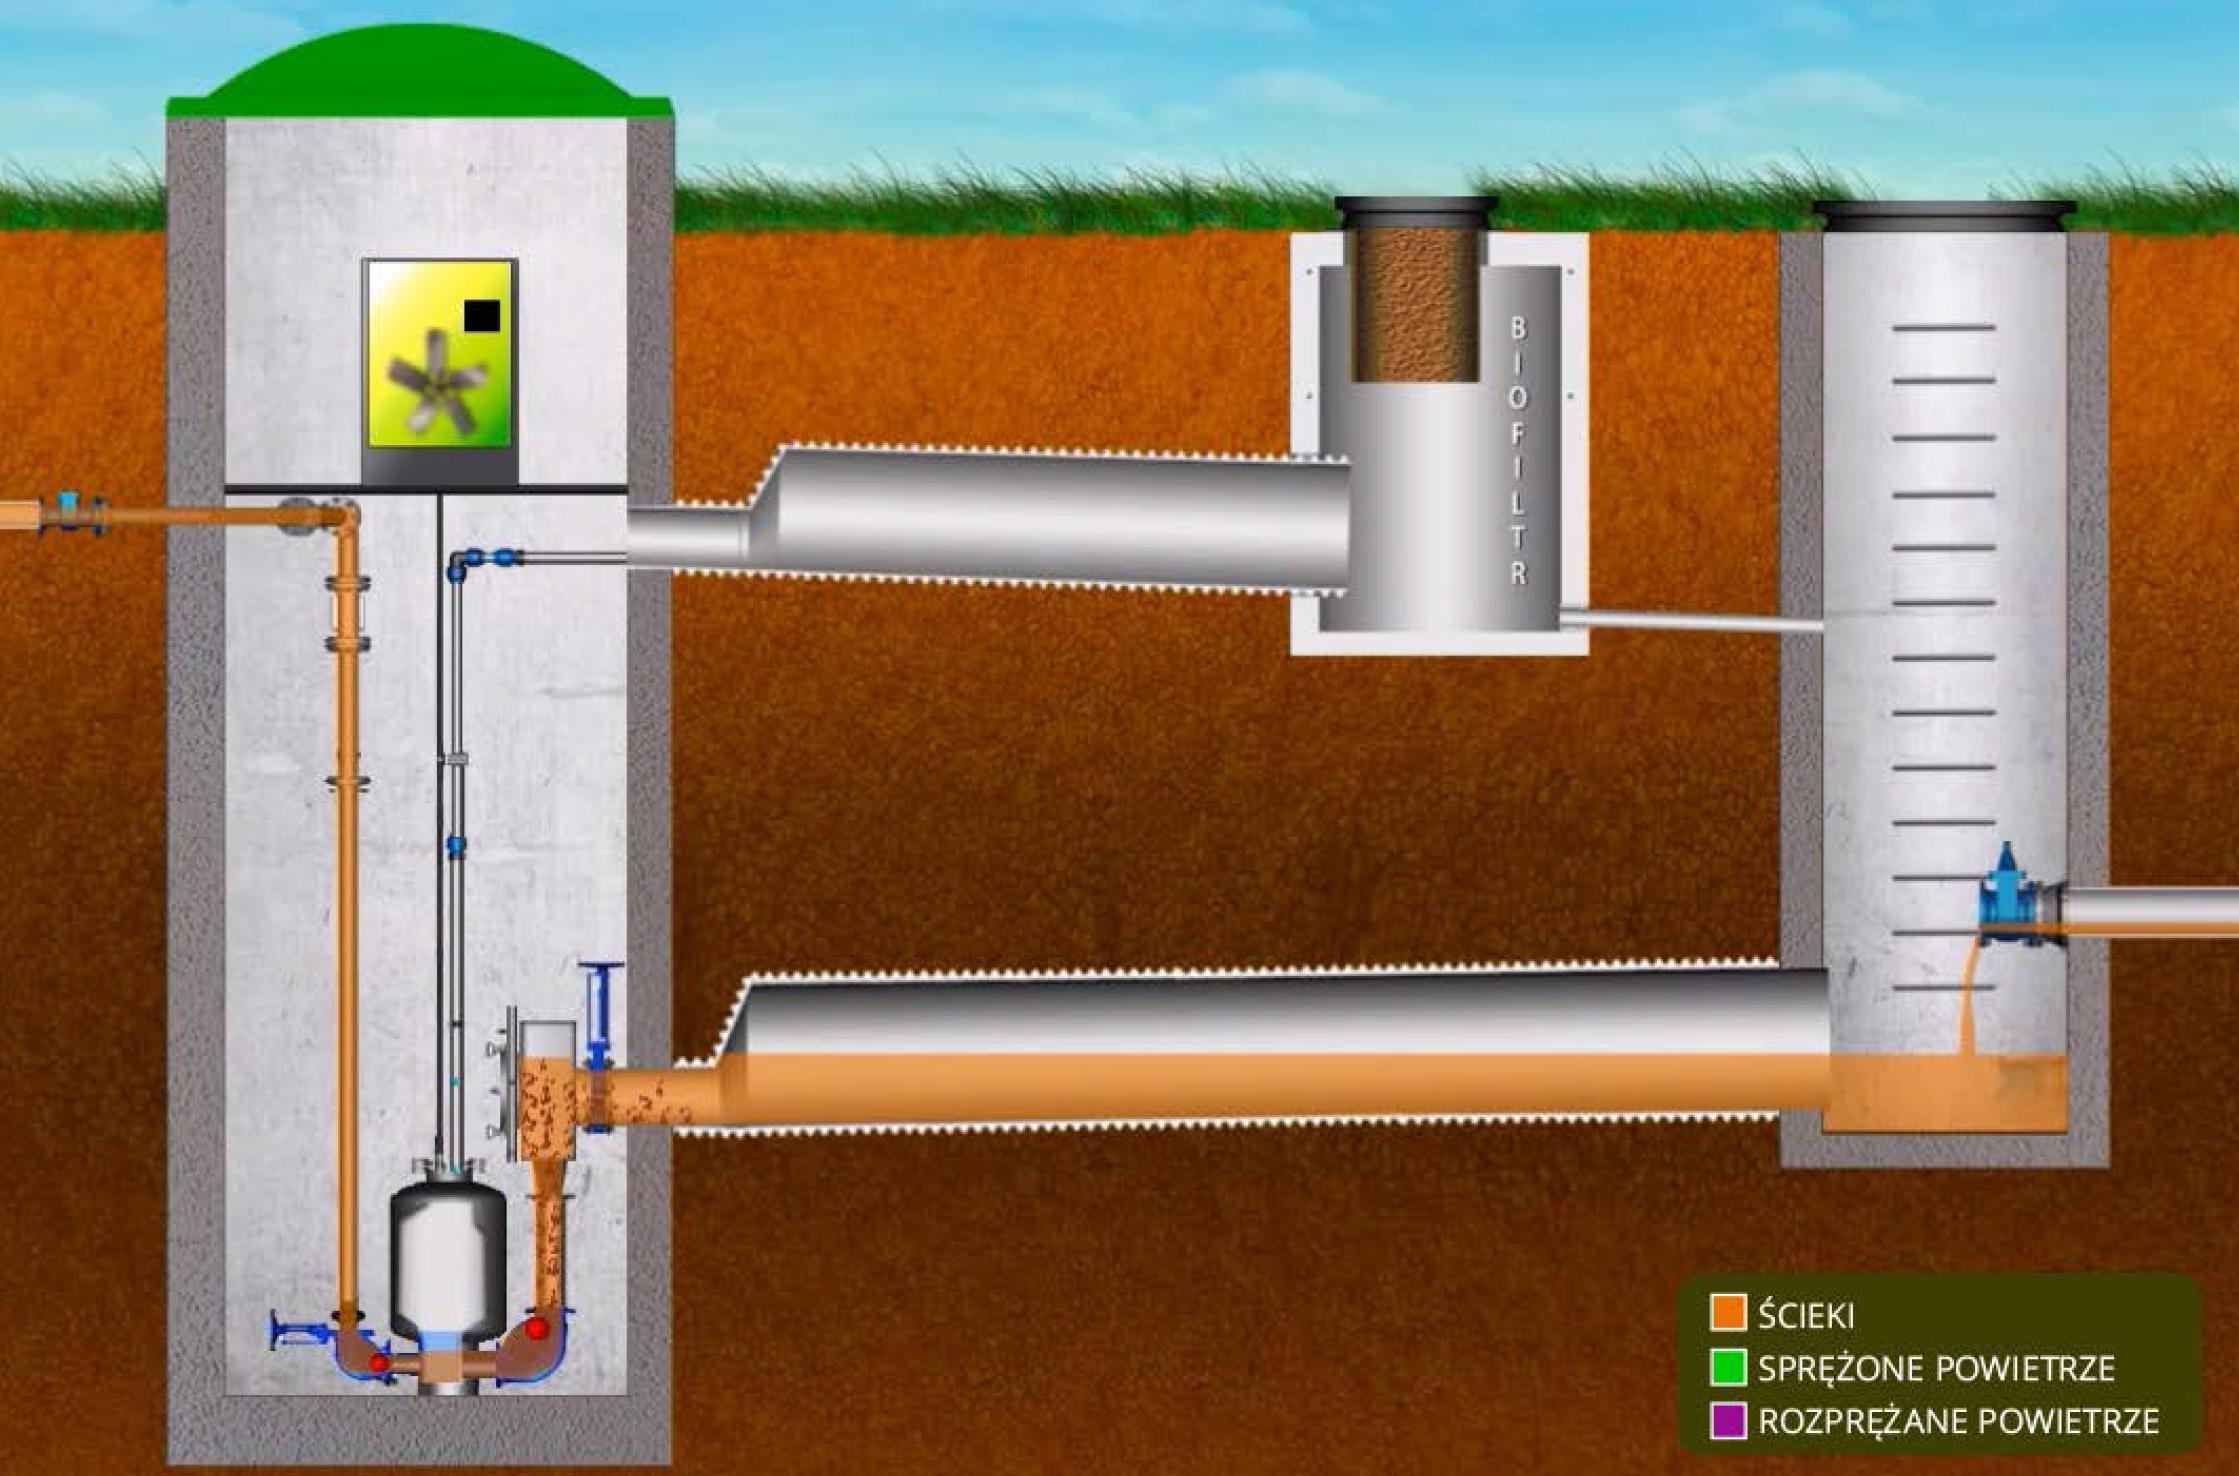 pneumatyczna-przepompownia-sciekow-epp-grafika-1-szuster-system